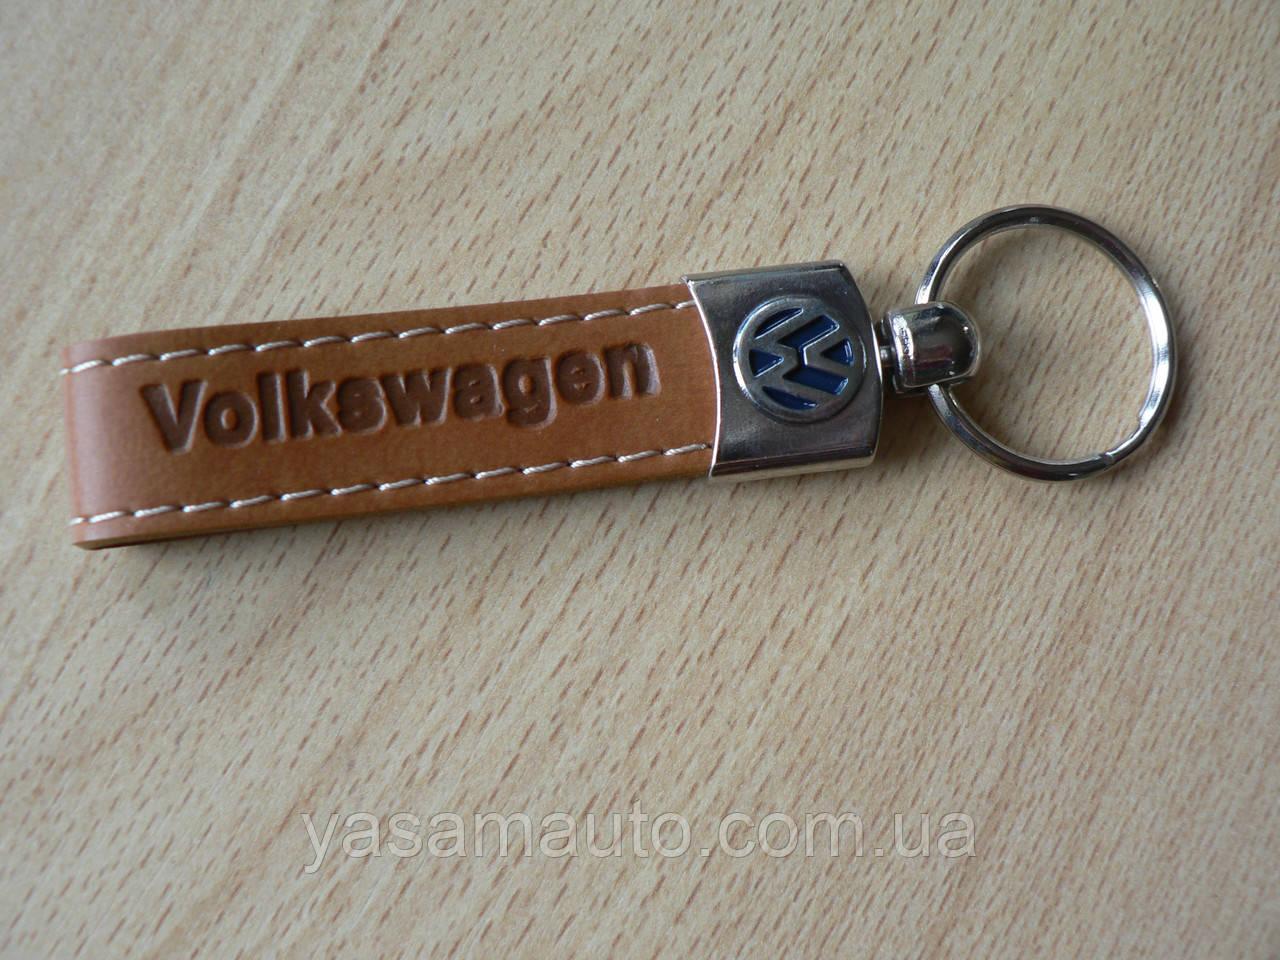 Брелок хлястик Volkswagen 110мм коричневый логотип эмблема Волксваген автомобильный на авто ключи